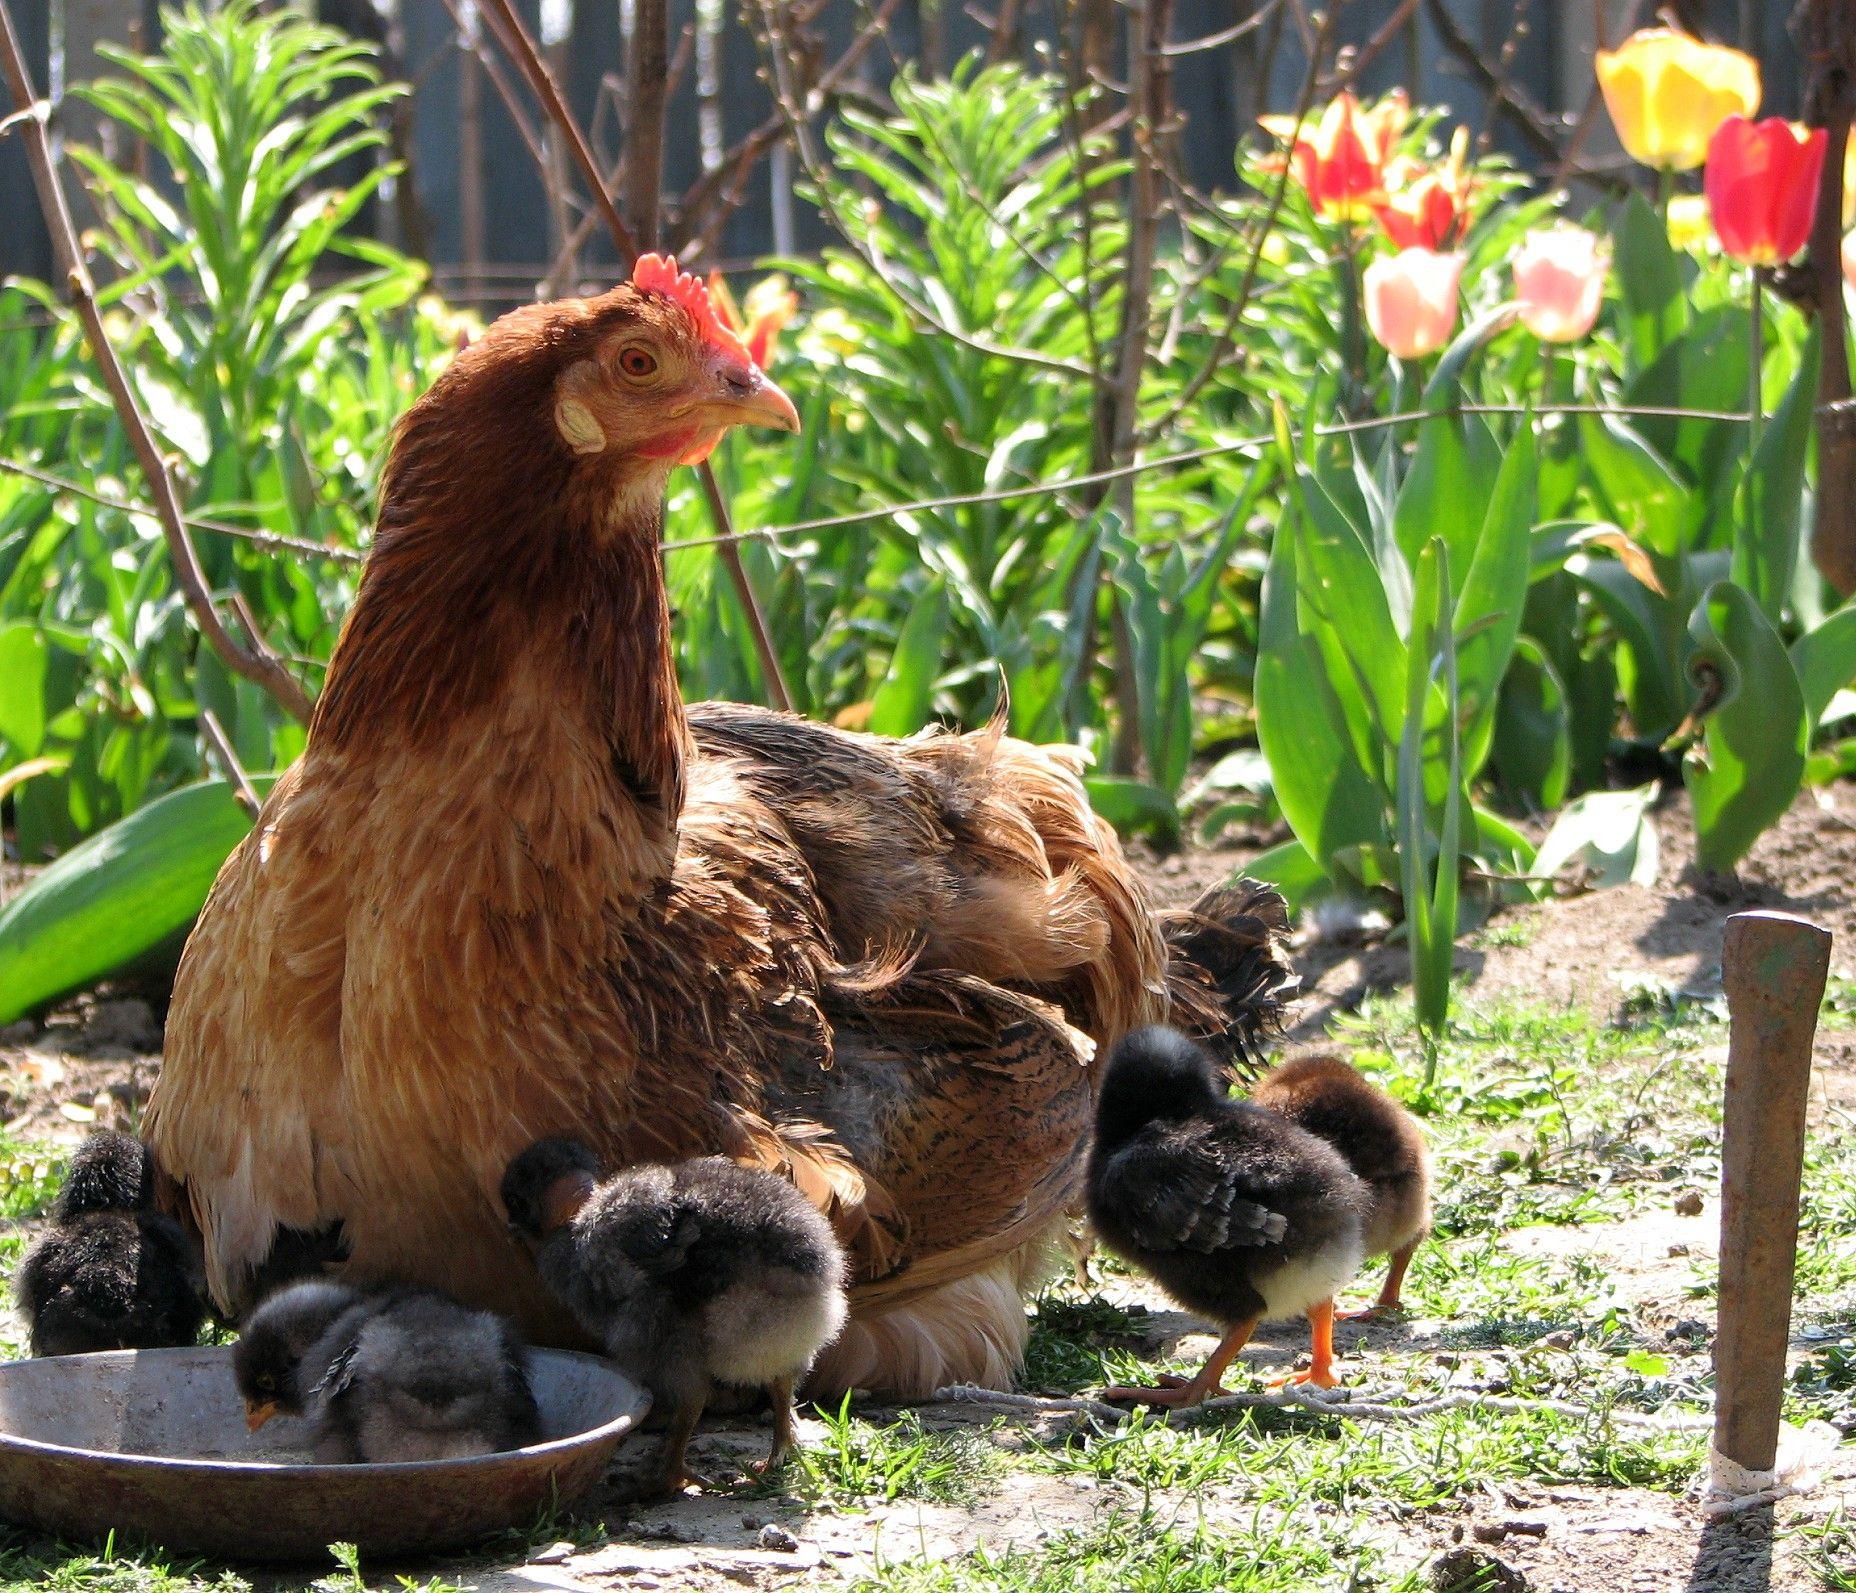 Maman poule avec ses poussins autour maman poule et ses poussins - Poule et ses poussins ...